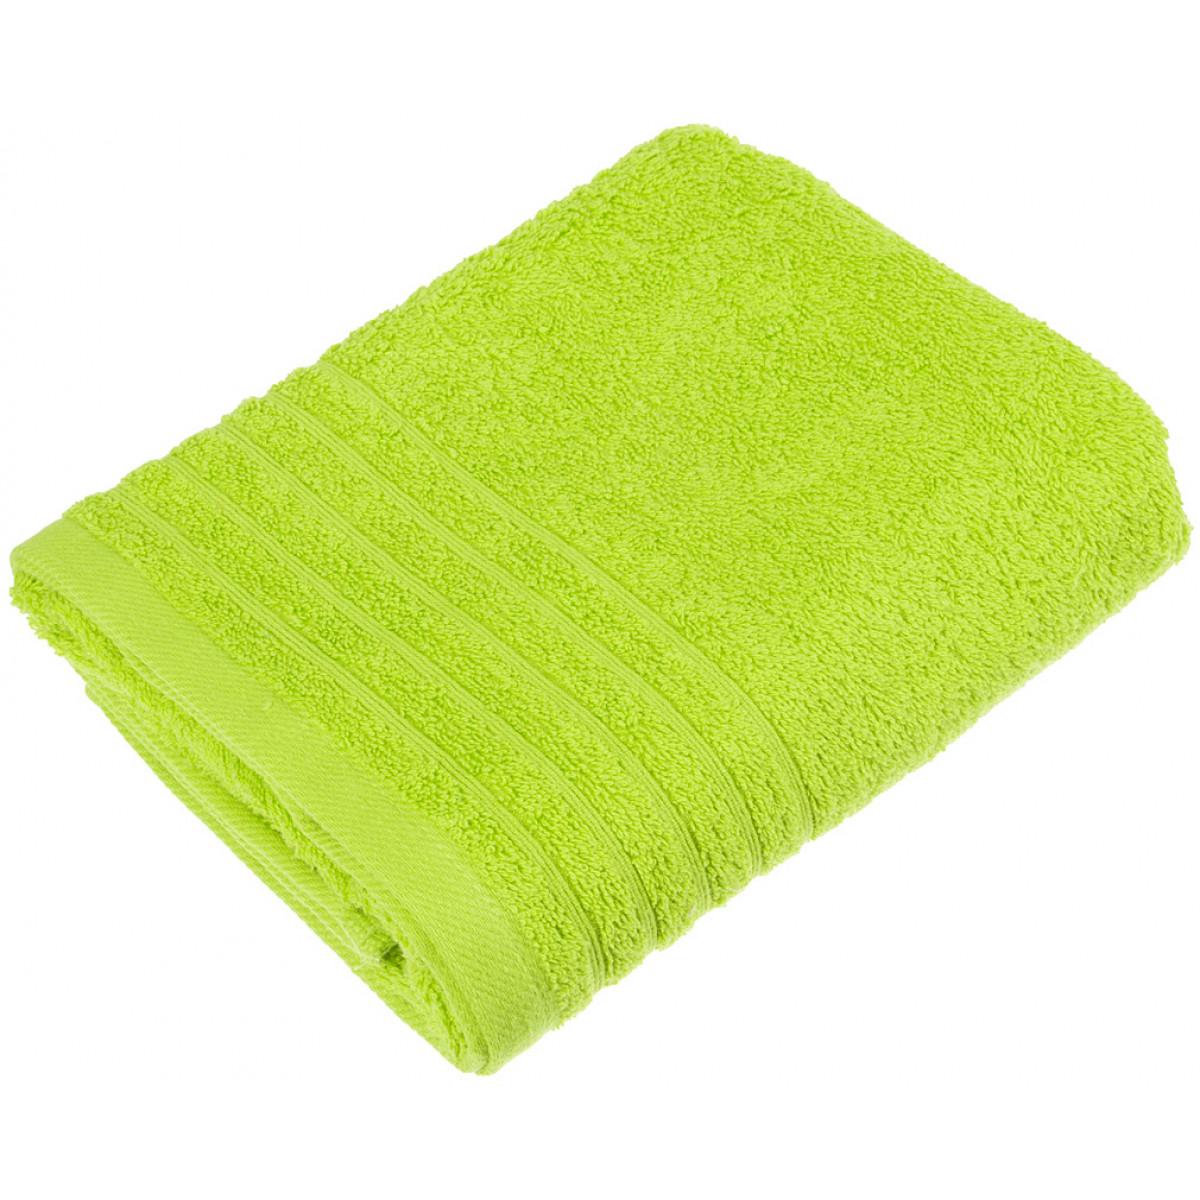 Полотенца Santalino Полотенце Jessie  (50х90 см) василиса полотенце зигзаг артишок 50х90 см